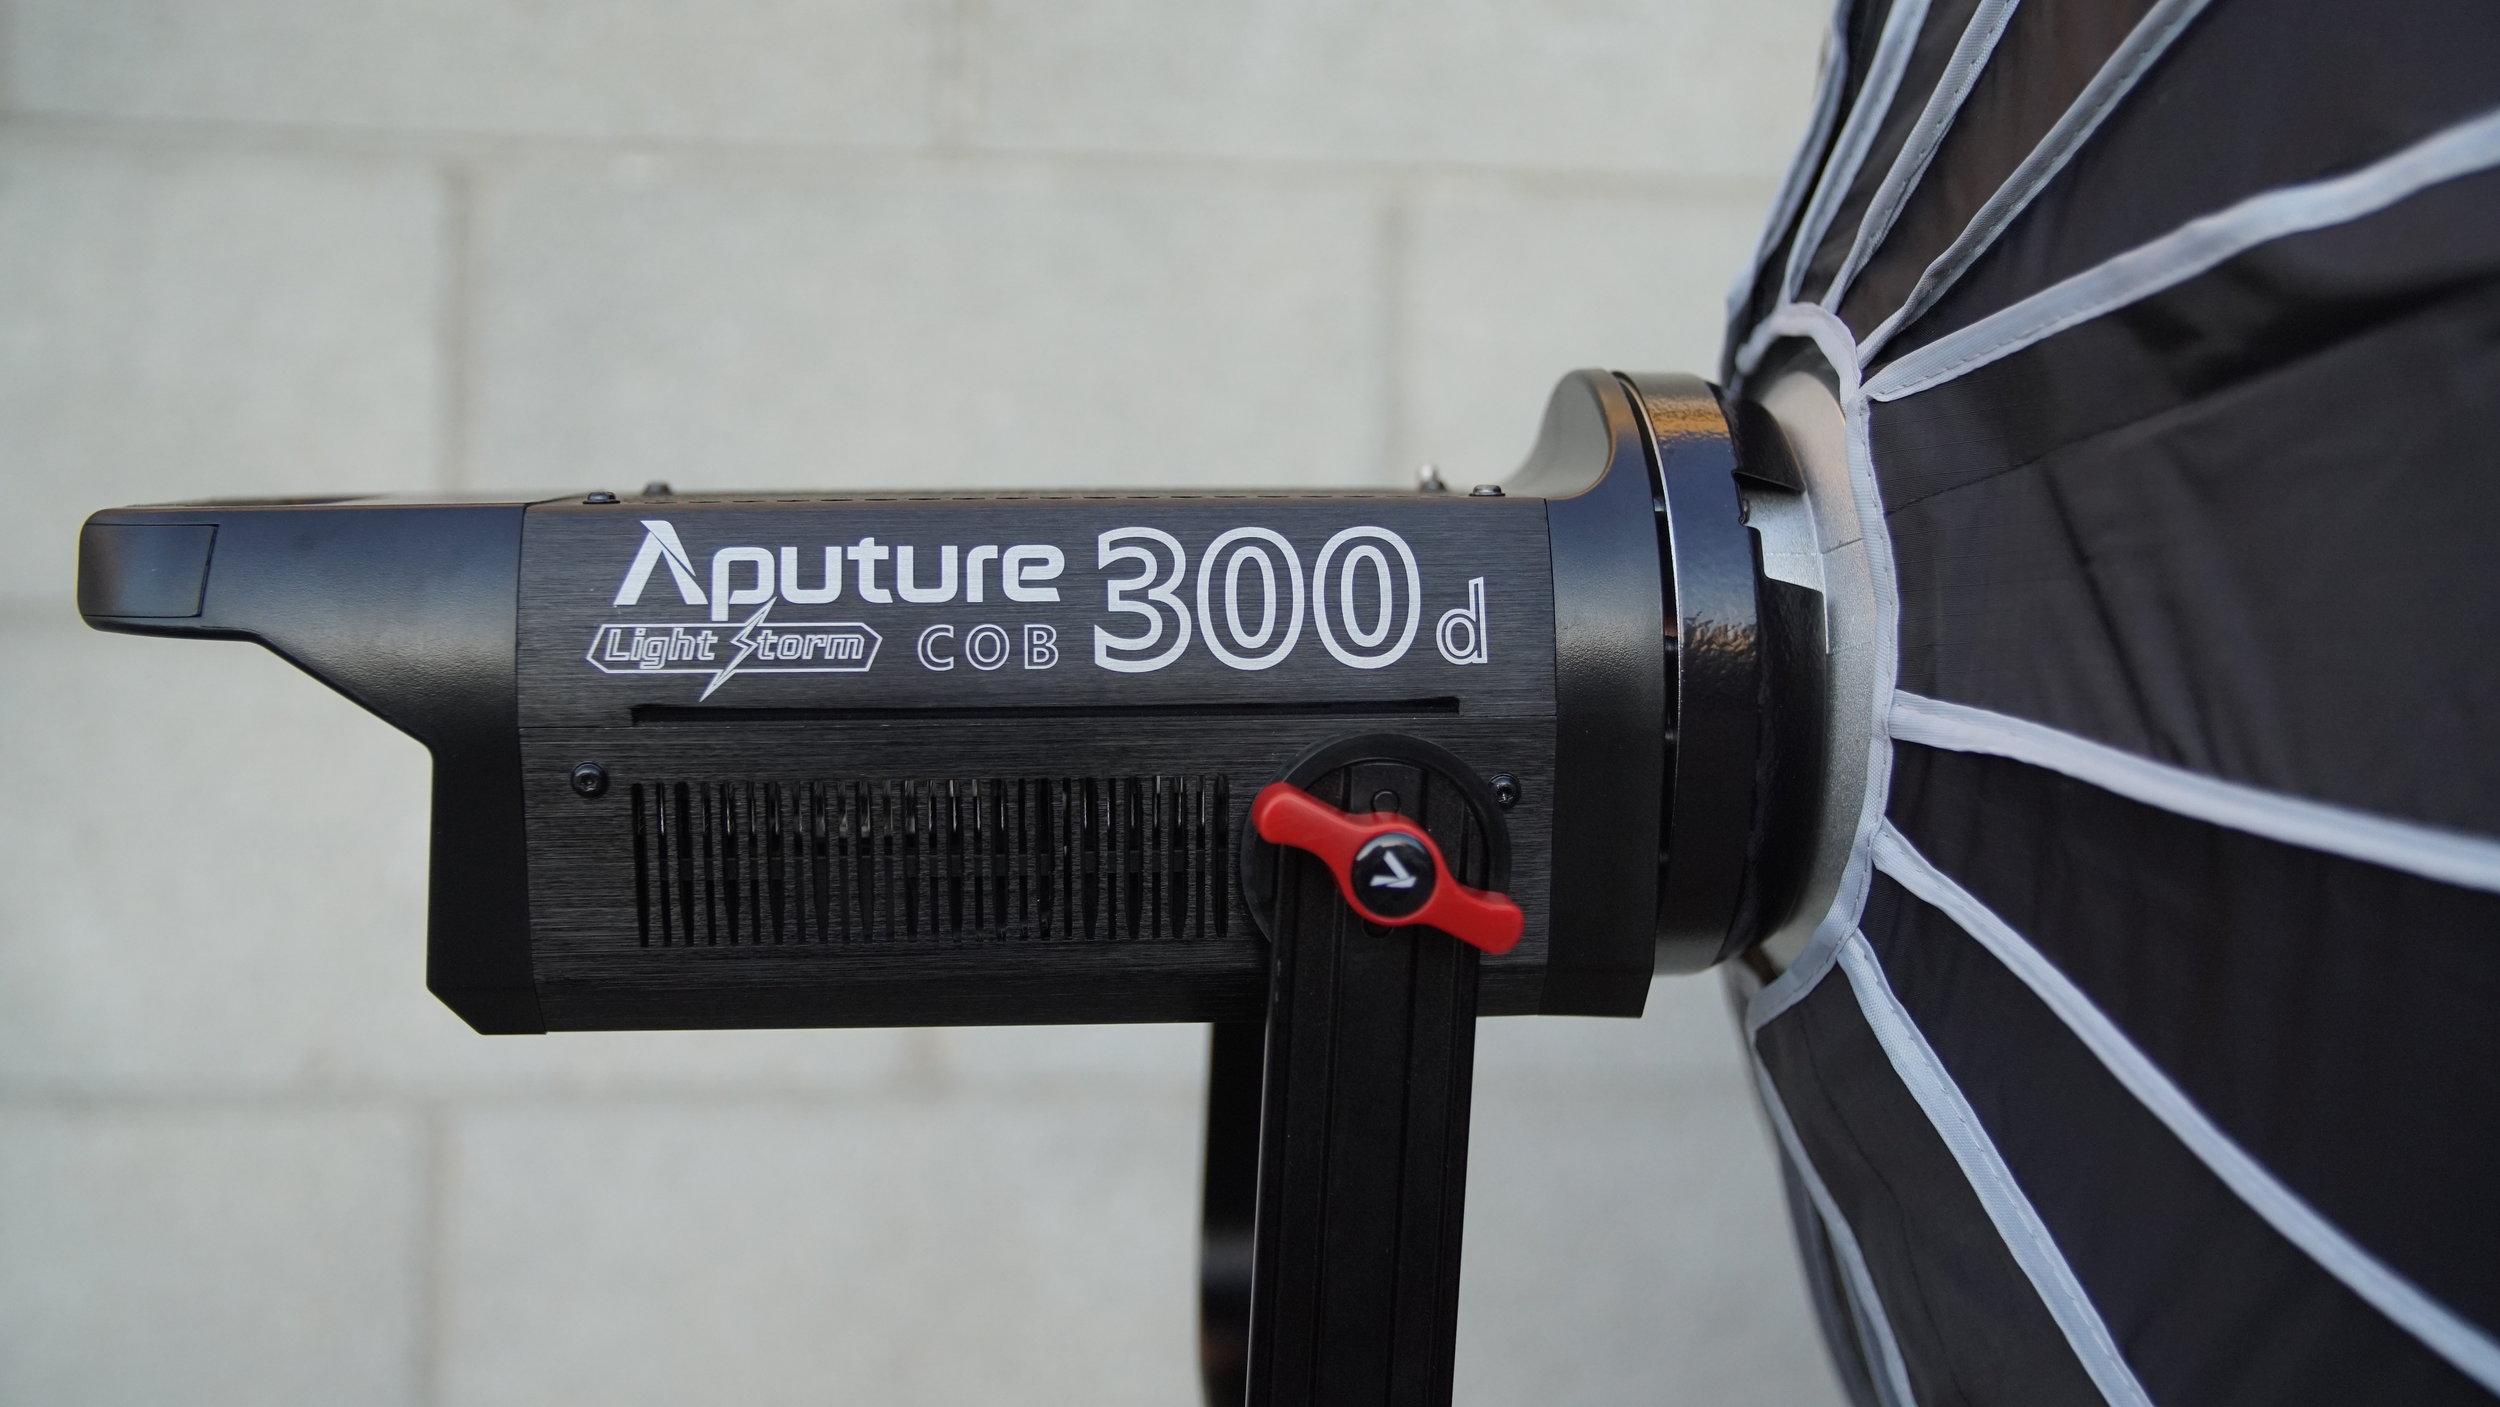 Apurture 300D